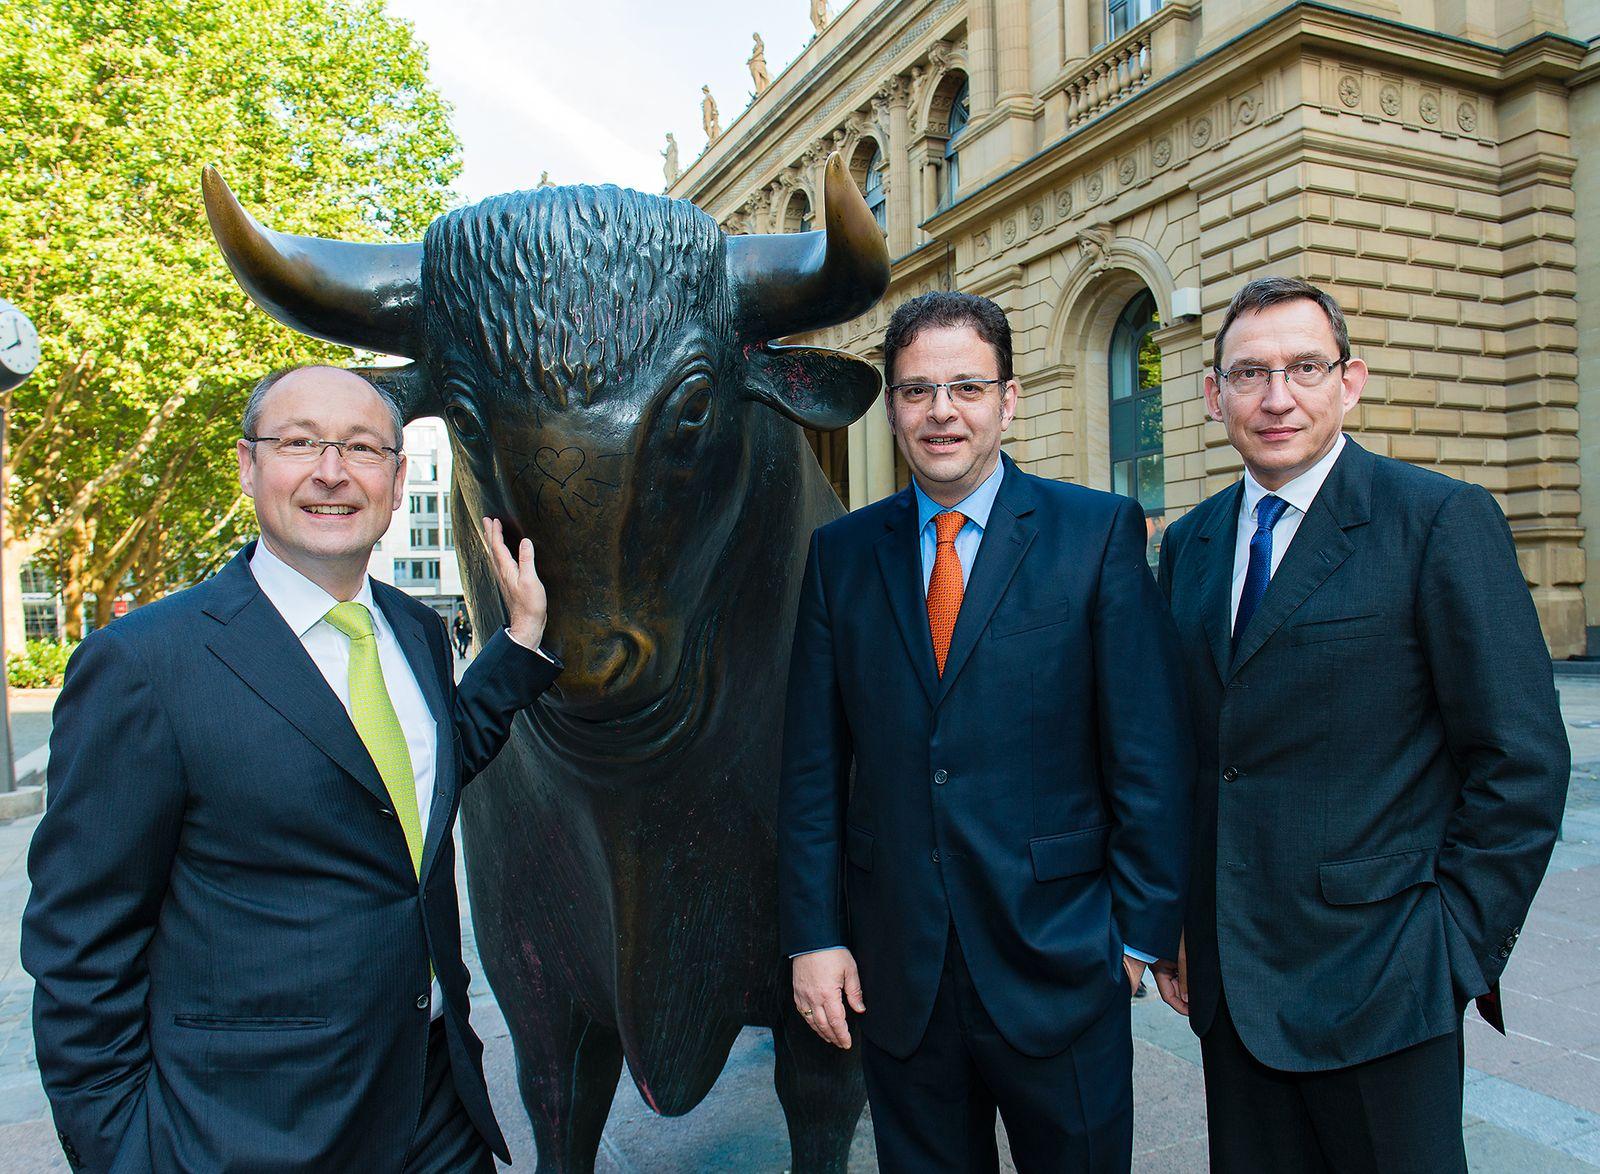 Vorstand / Deutsche Annington